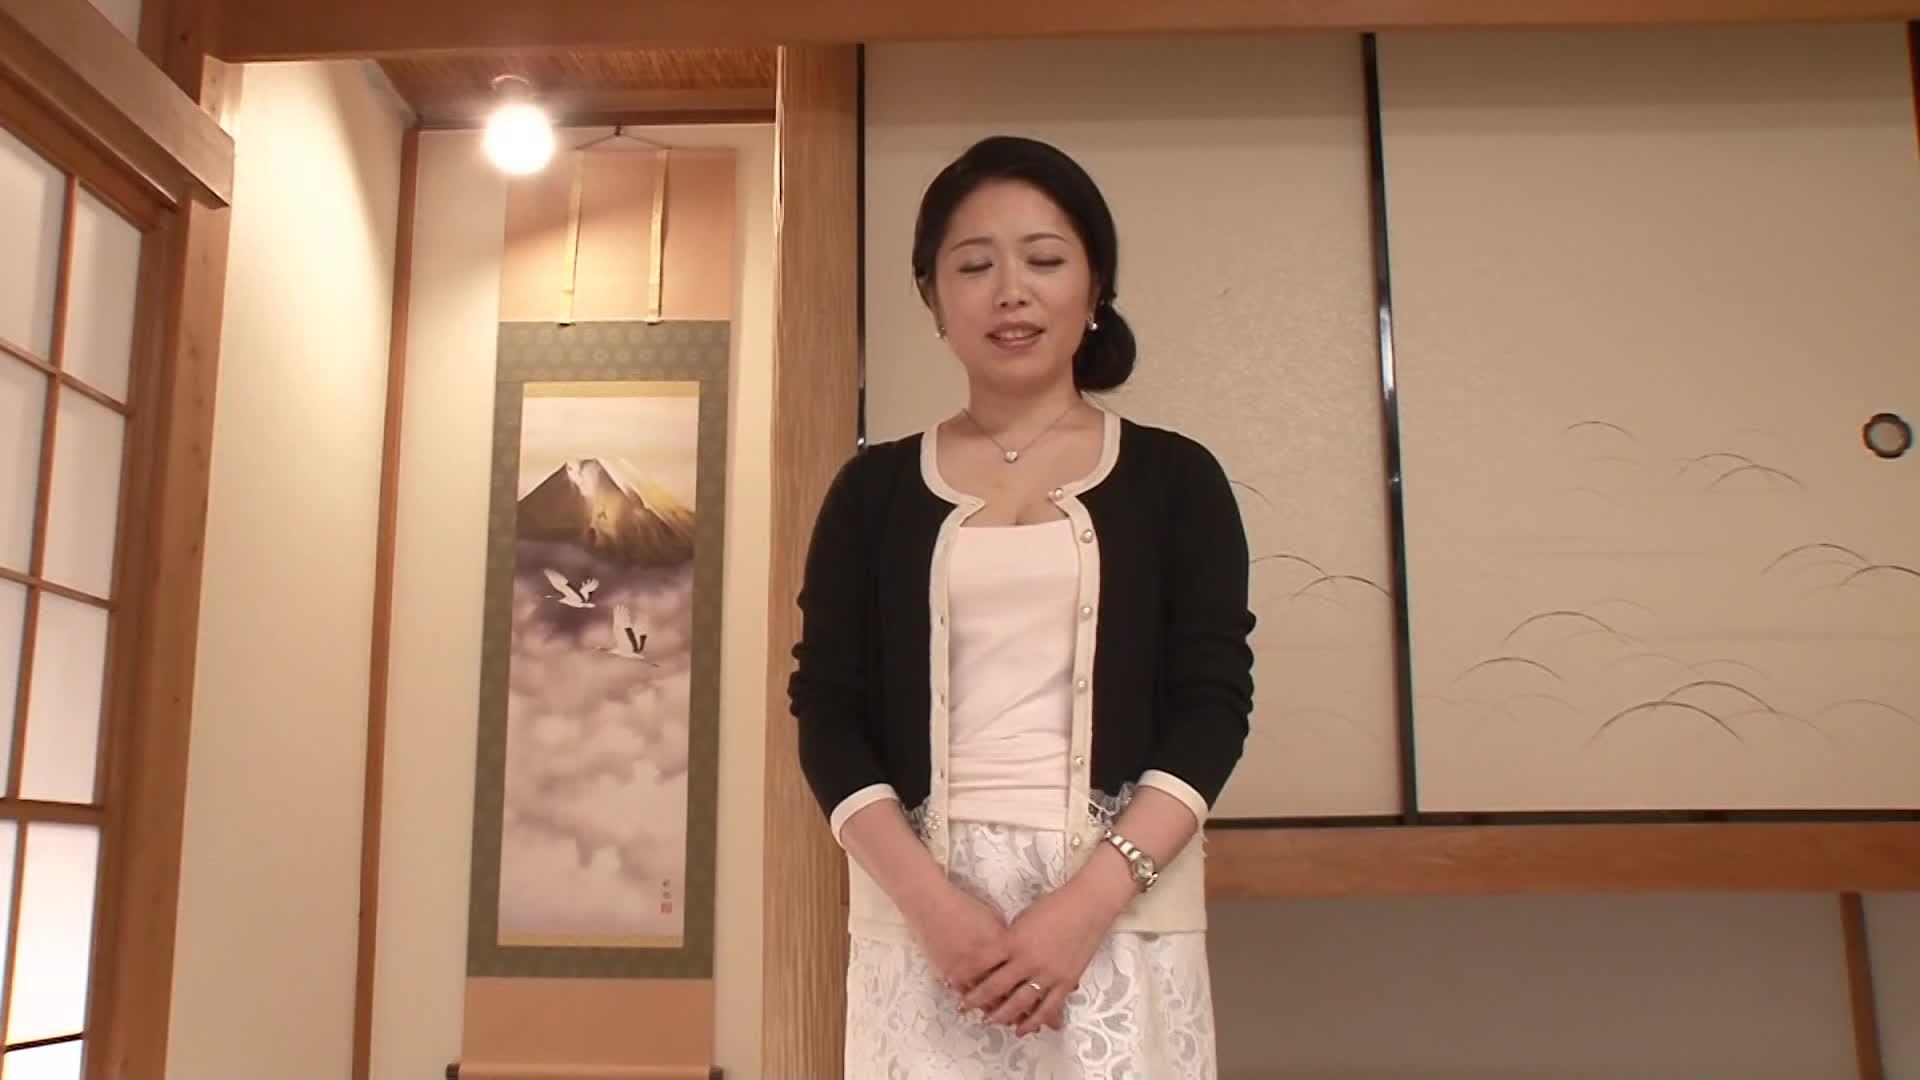 【有坂祐奈】45歳の美熟女が欲求不満で初脱ぎ初撮りAVデビューする素人企画